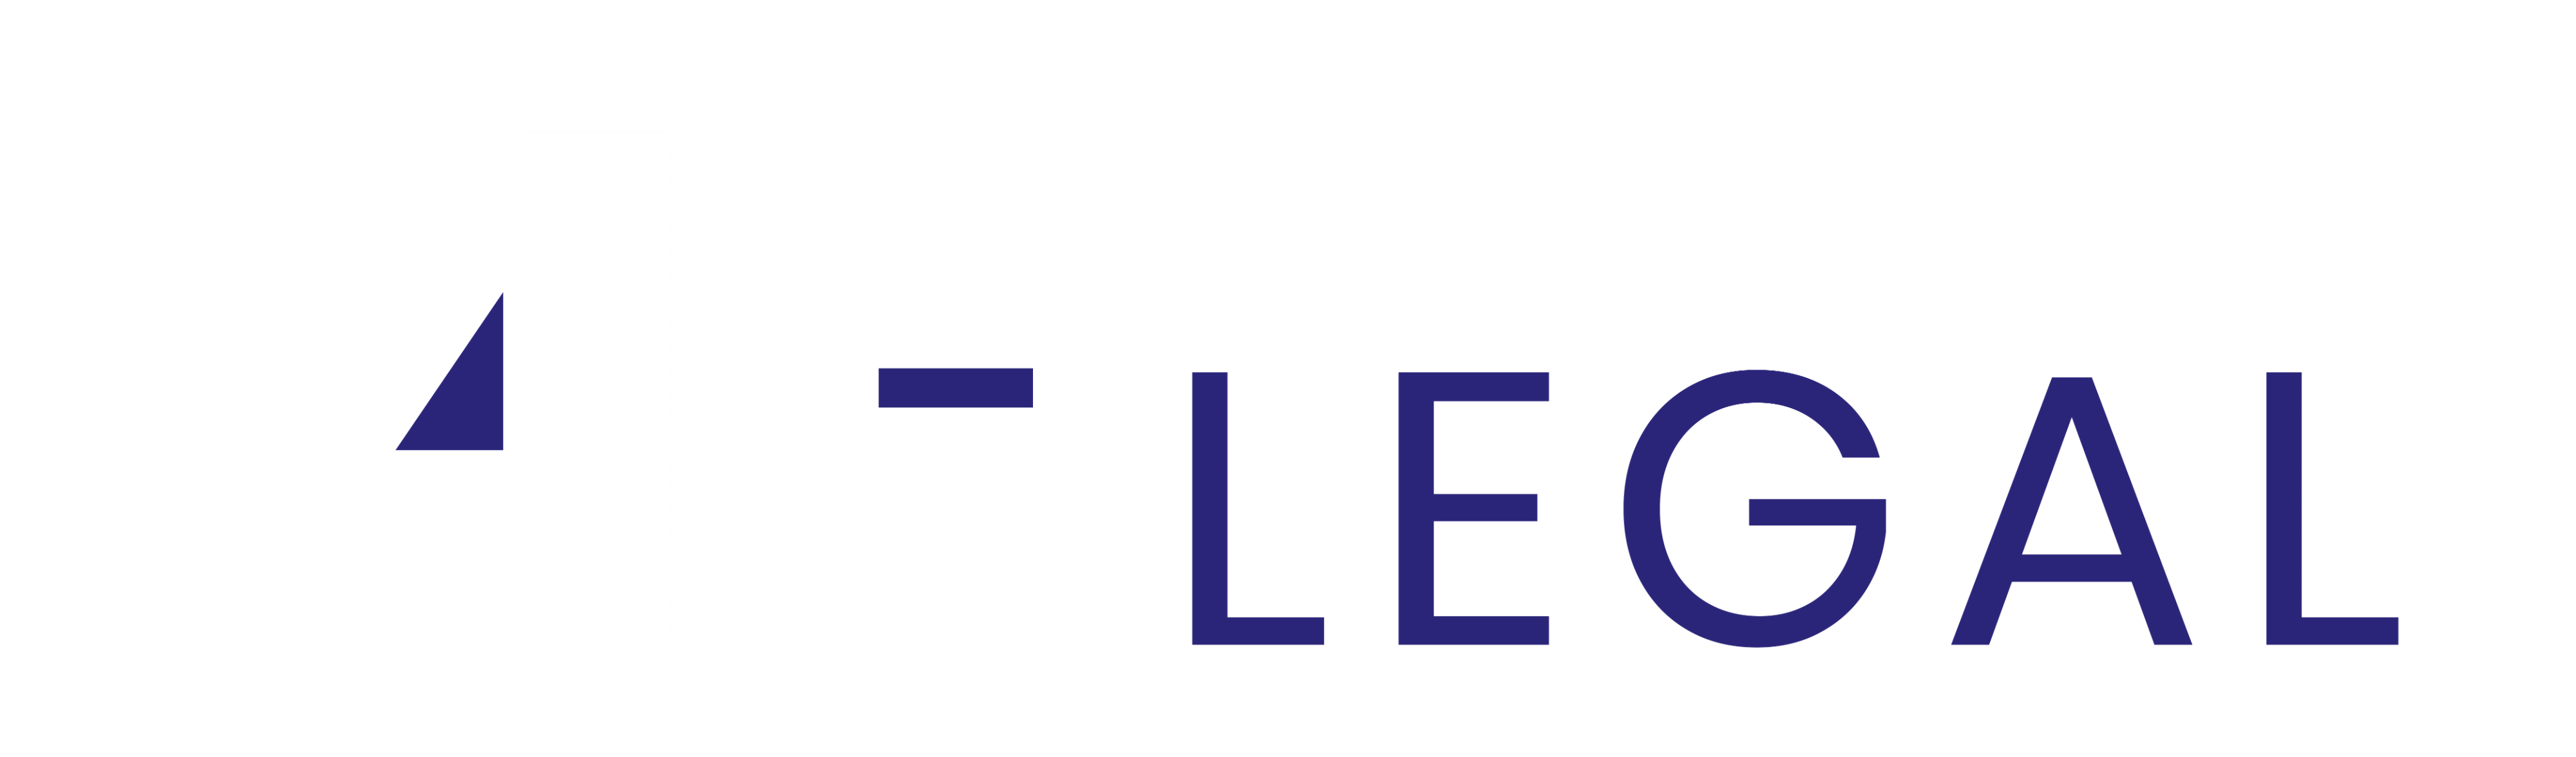 AE Legal